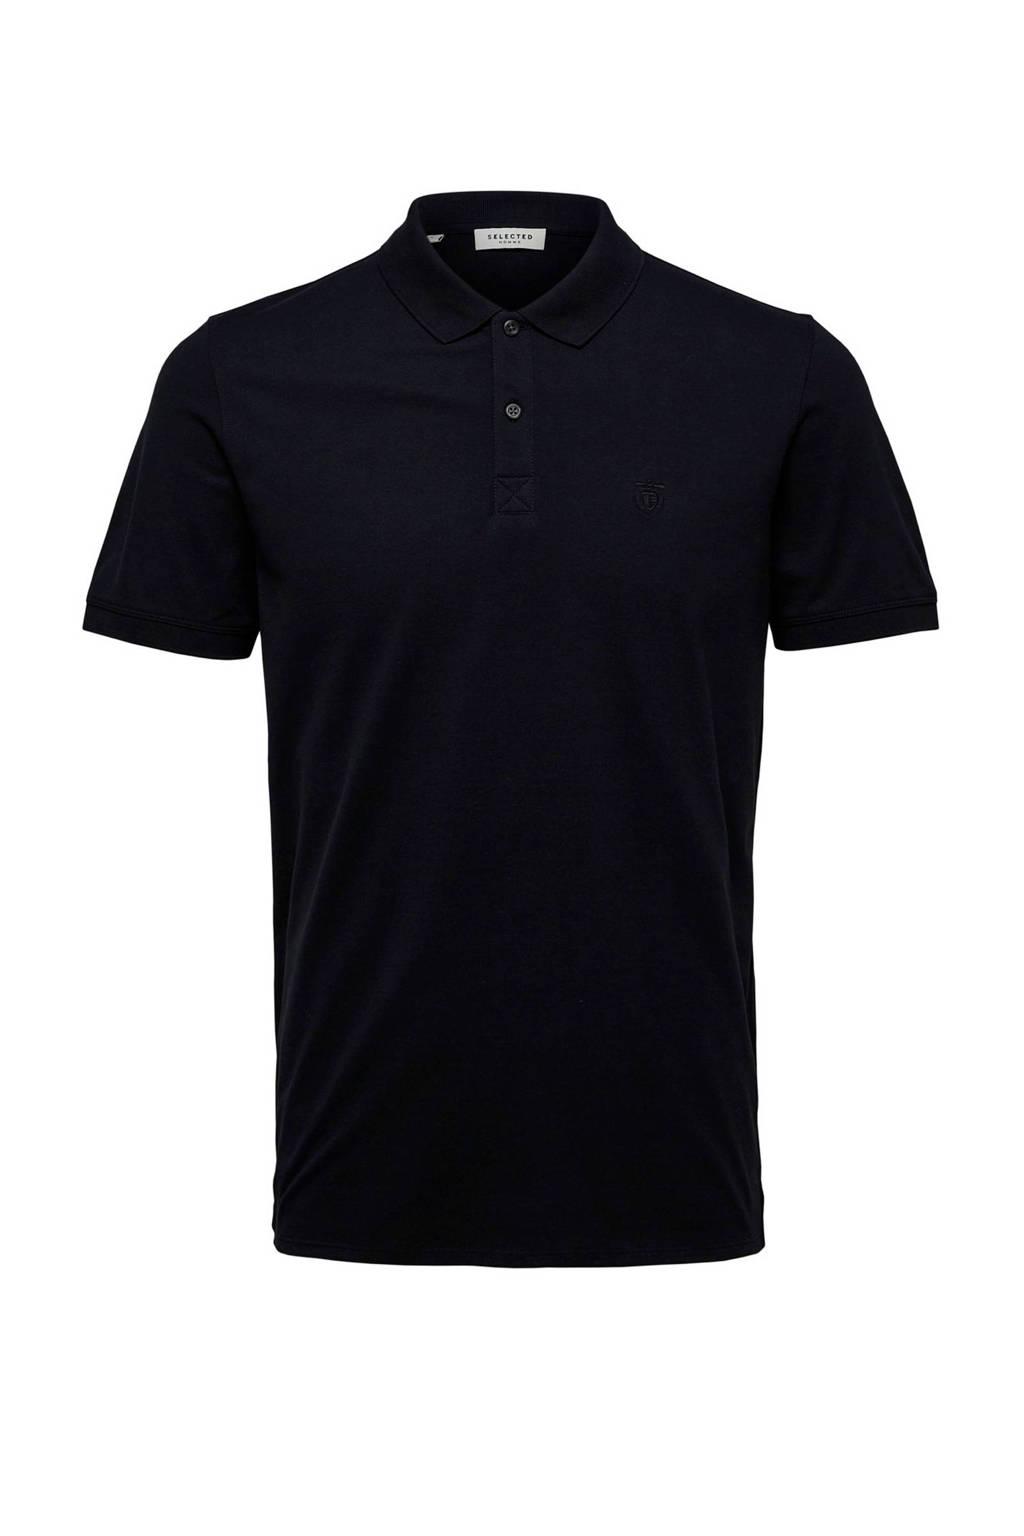 Selected Homme +Fit regular fit polo zwart, Zwart